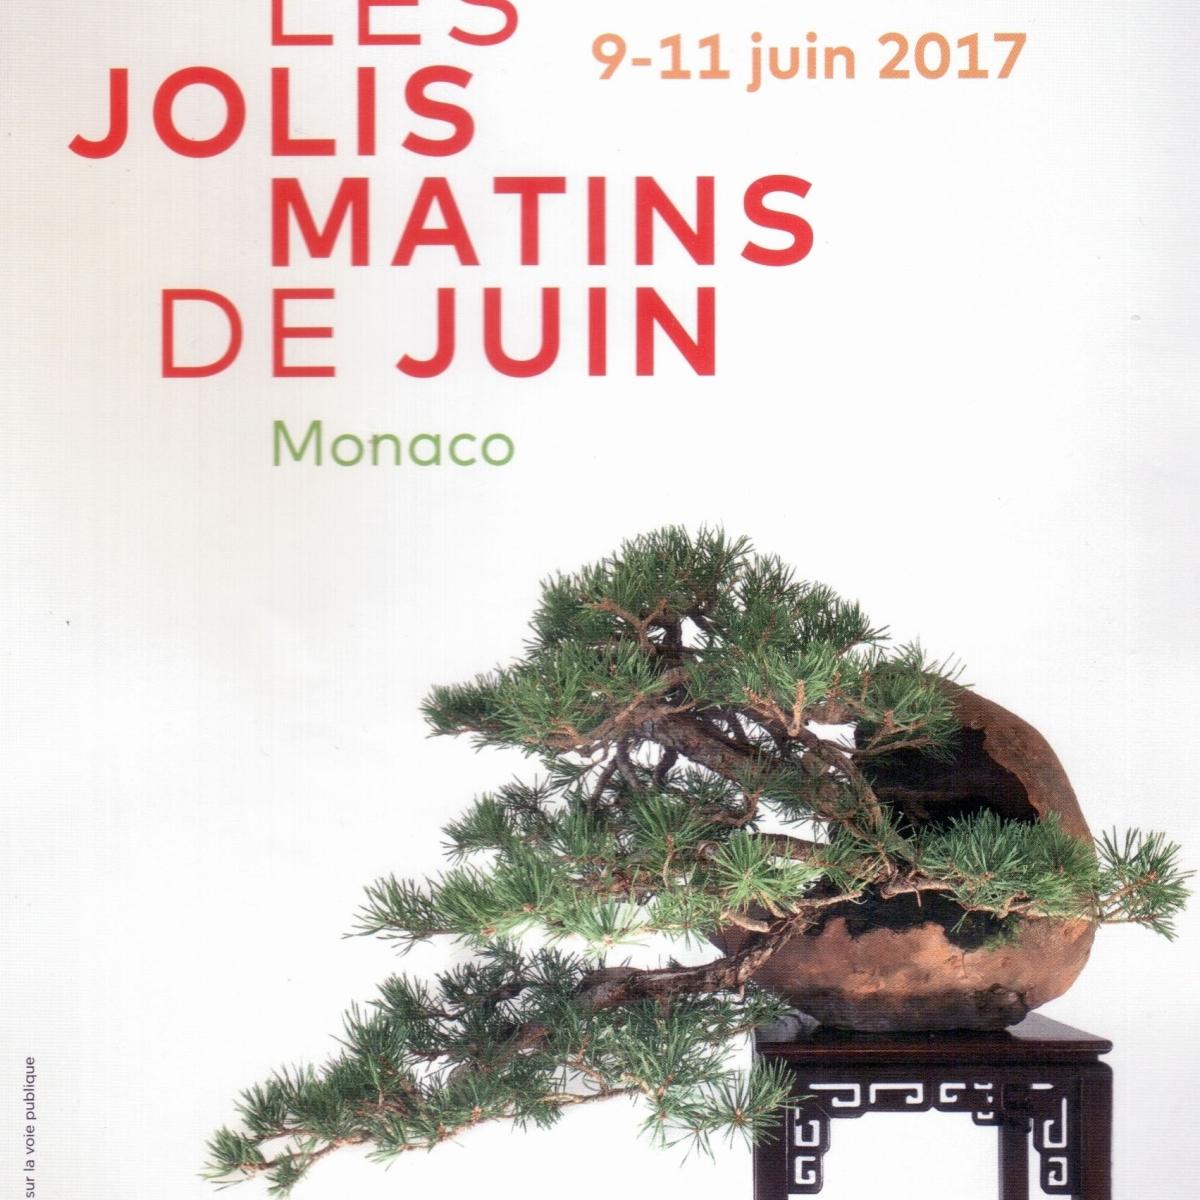 Les Jolis Matins de Juin - Monaco.